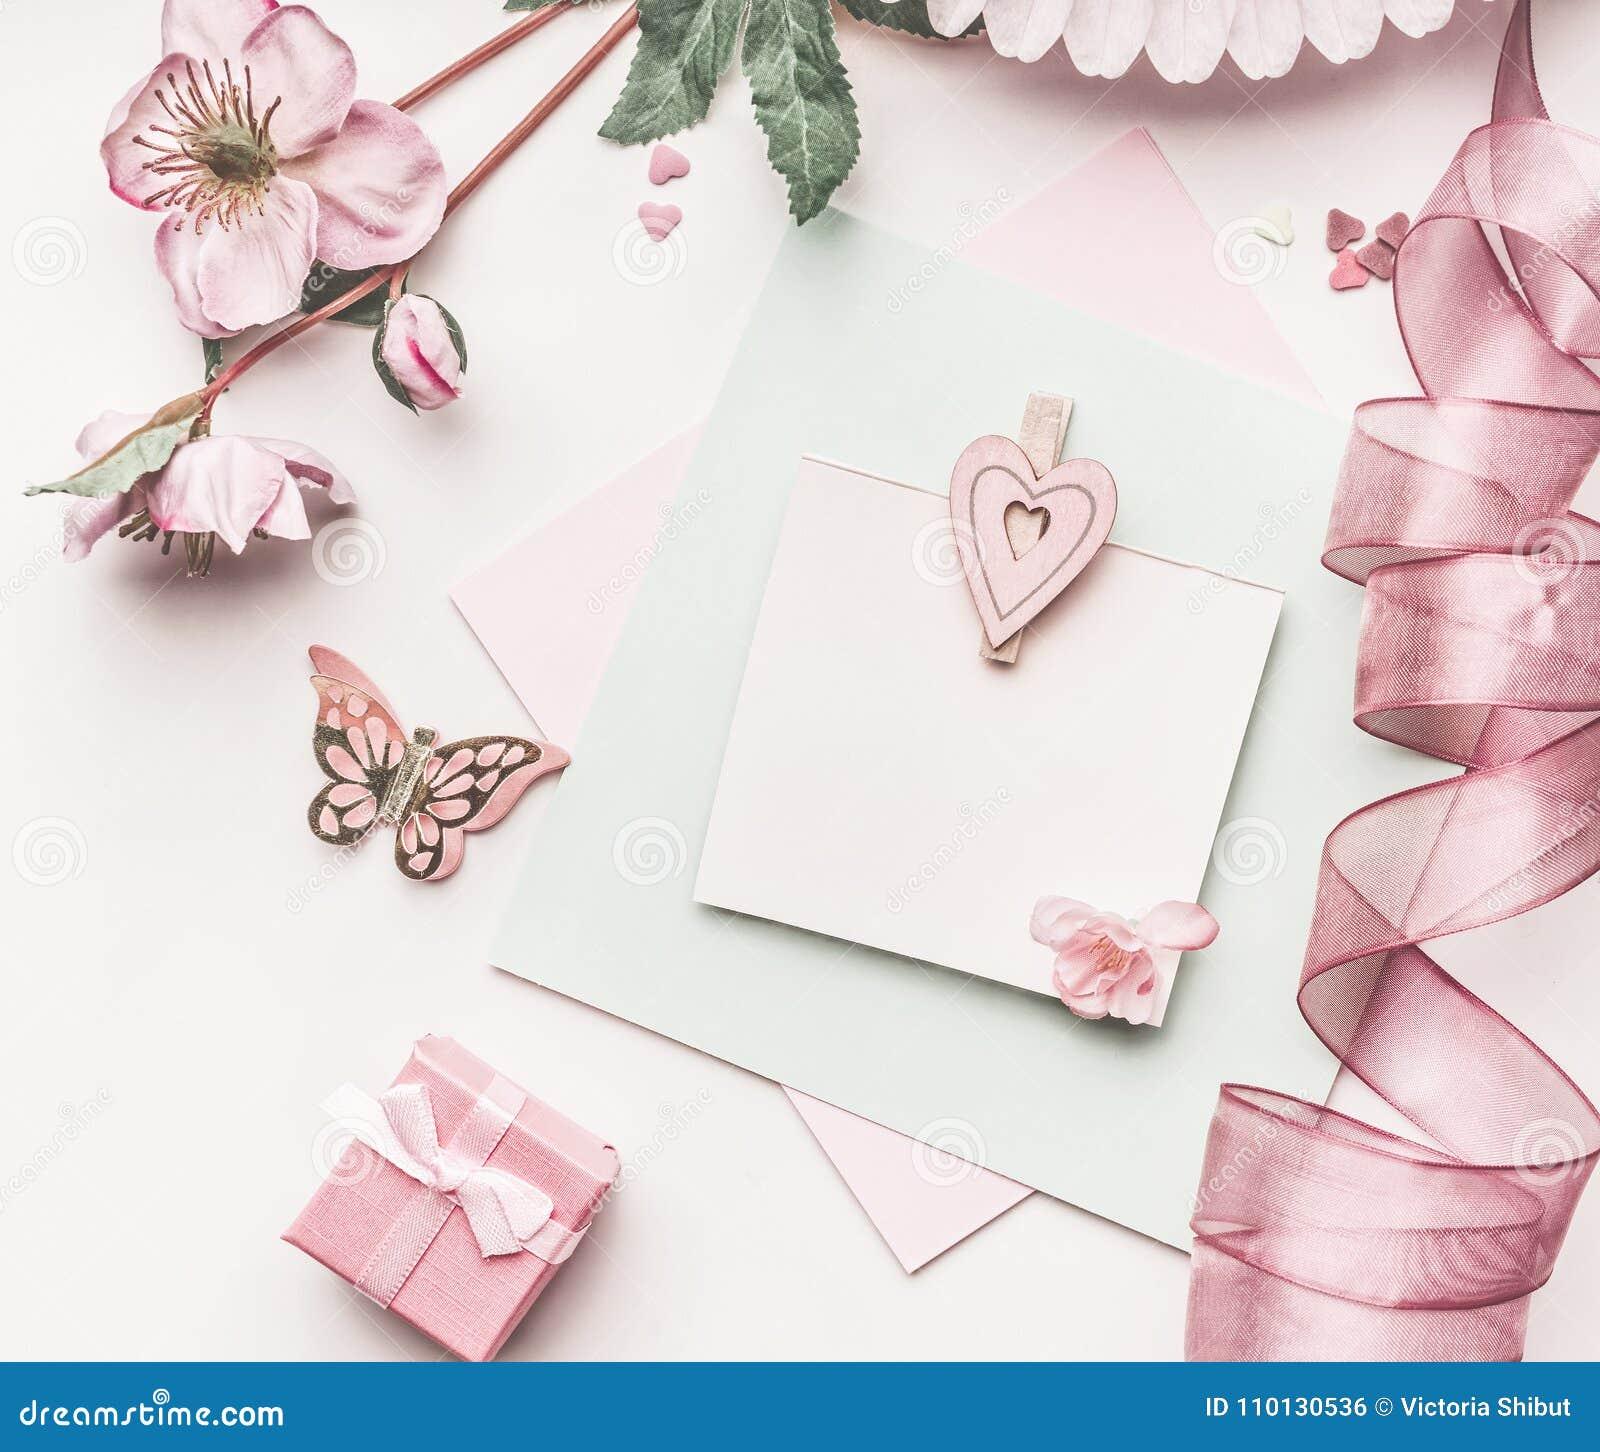 Το όμορφο ρόδινο σχεδιάγραμμα κρητιδογραφιών με τη διακόσμηση λουλουδιών, την κορδέλλα, τις καρδιές και τη χλεύη καρτών επάνω στο